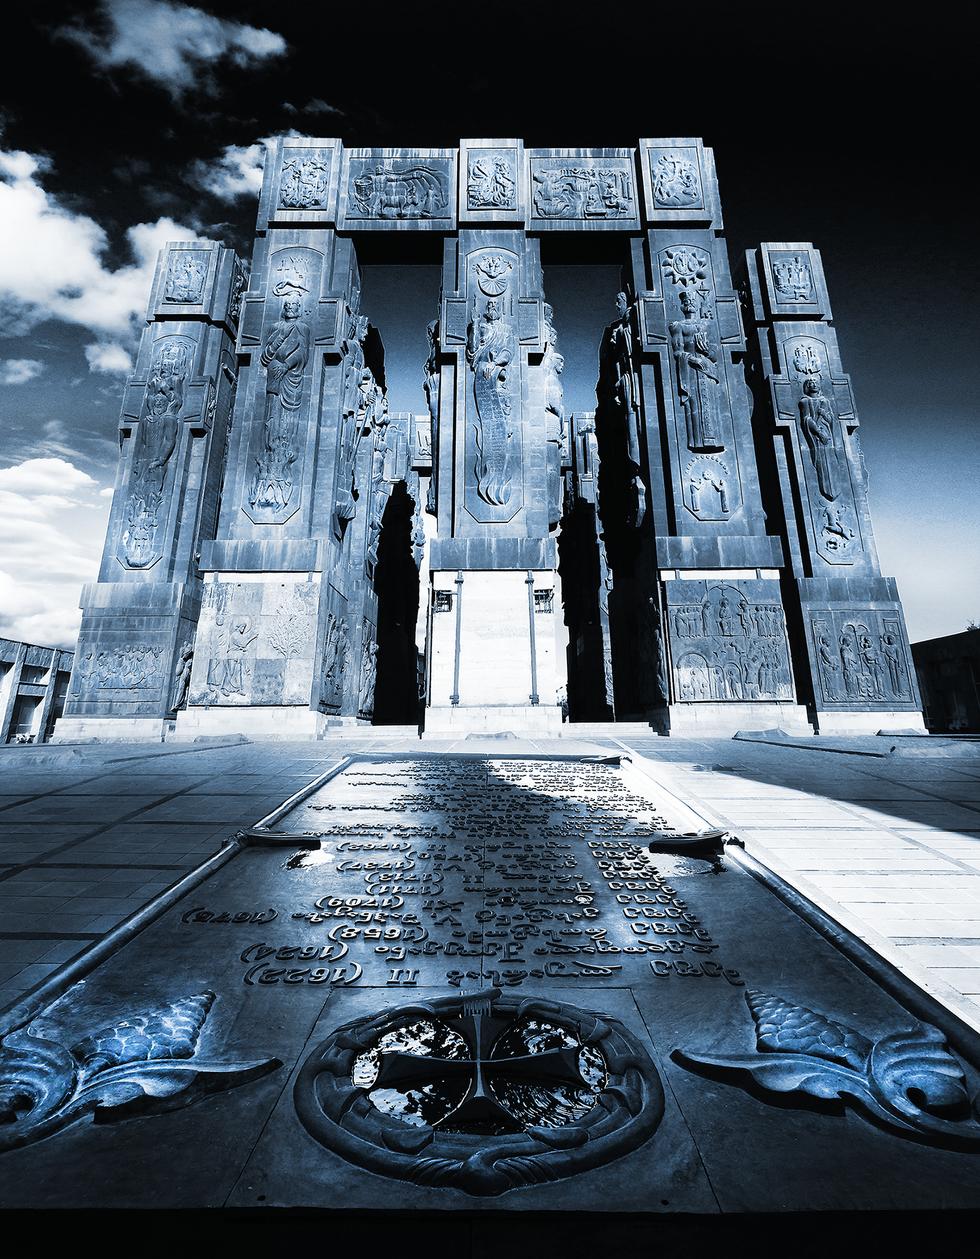 NICK BAGRATIONI 8 - MEMORIES OF ANCIENT